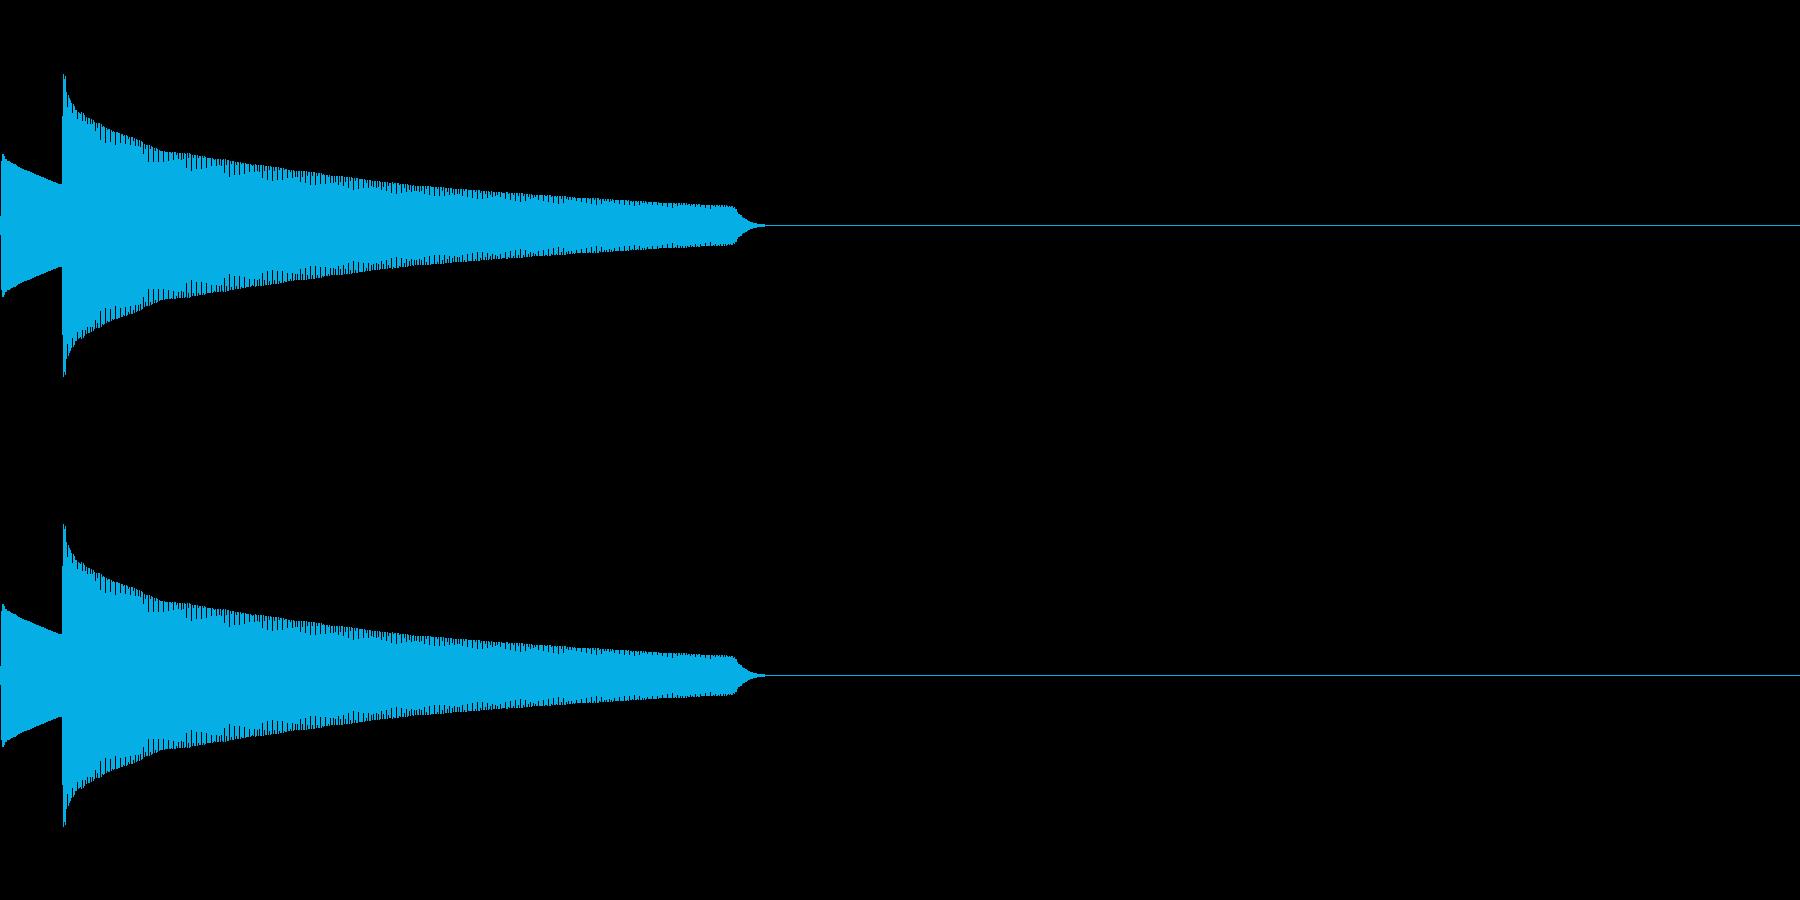 サウンドロゴ23_シンセの再生済みの波形